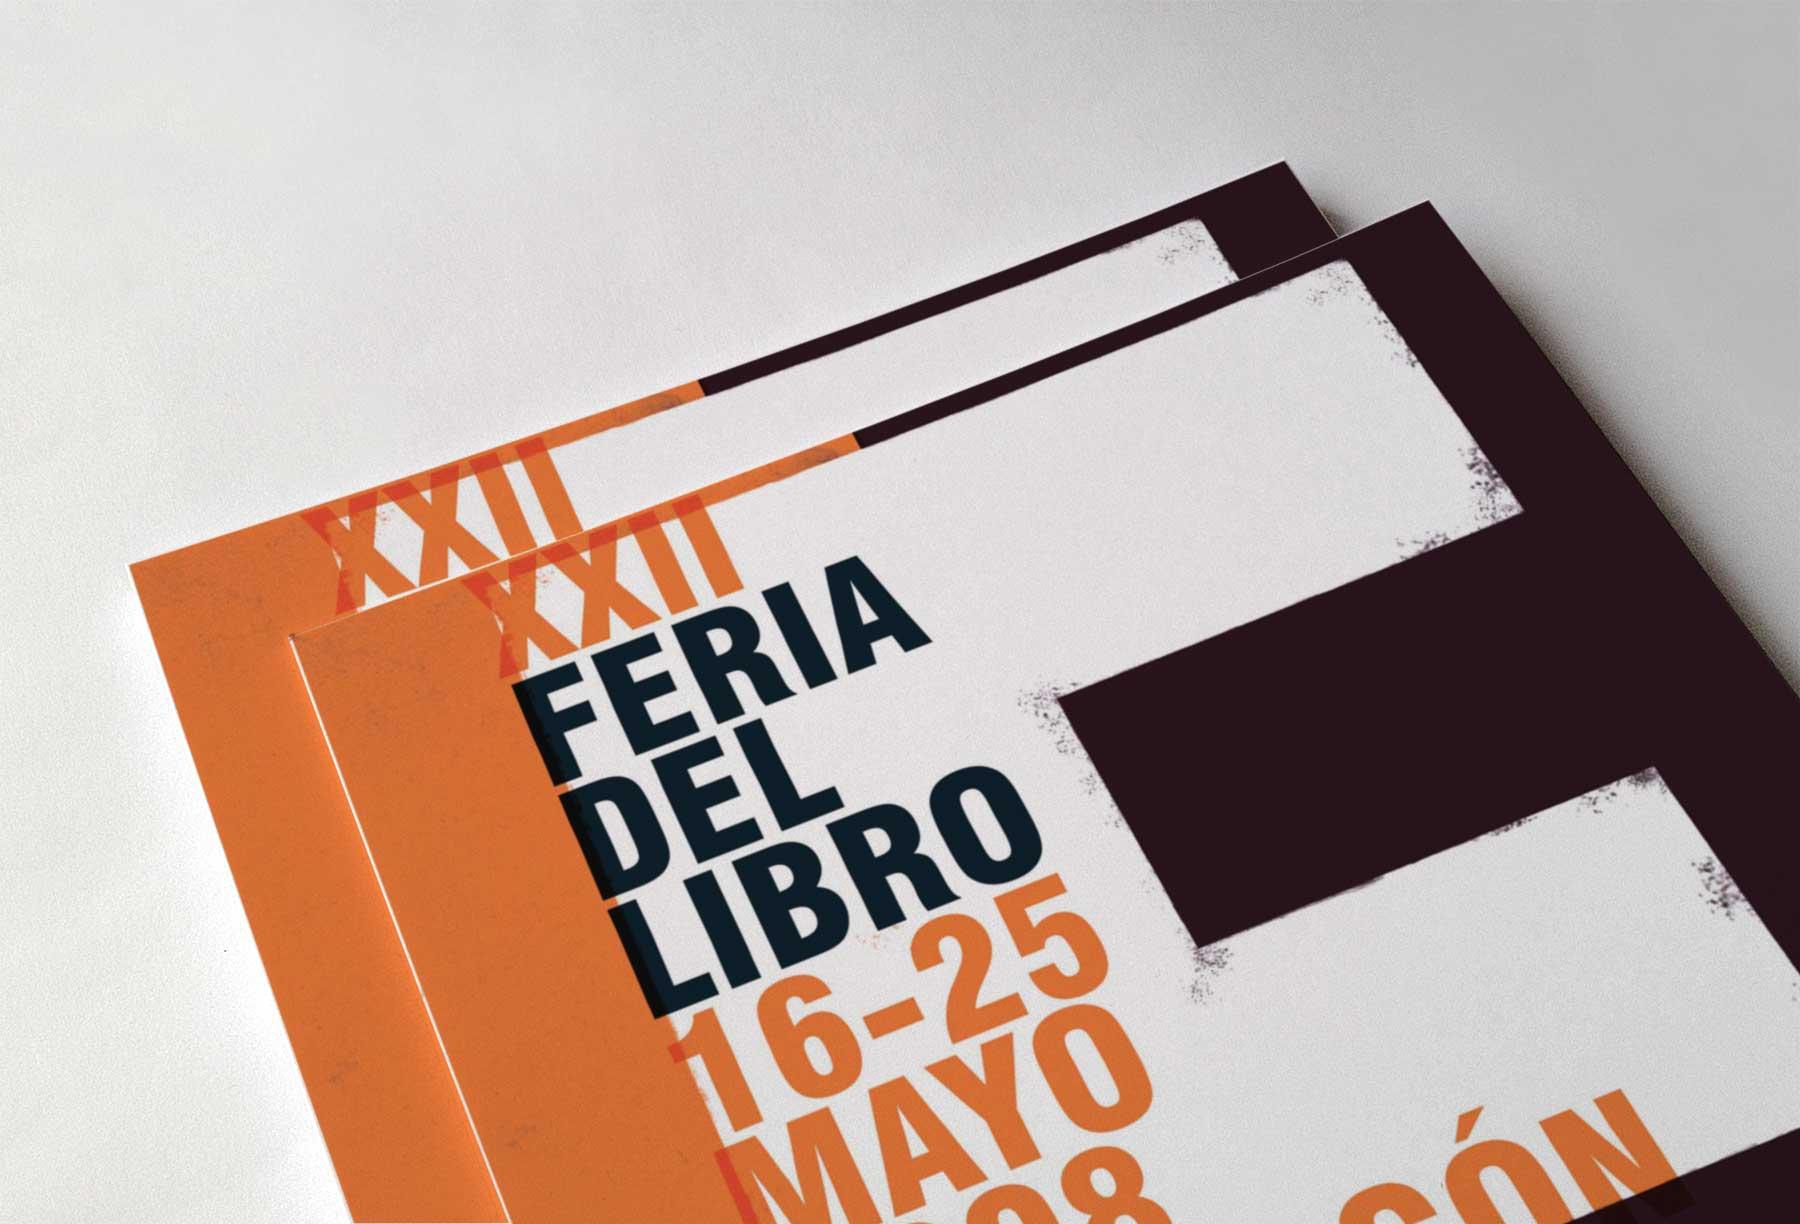 feria_libro08_09